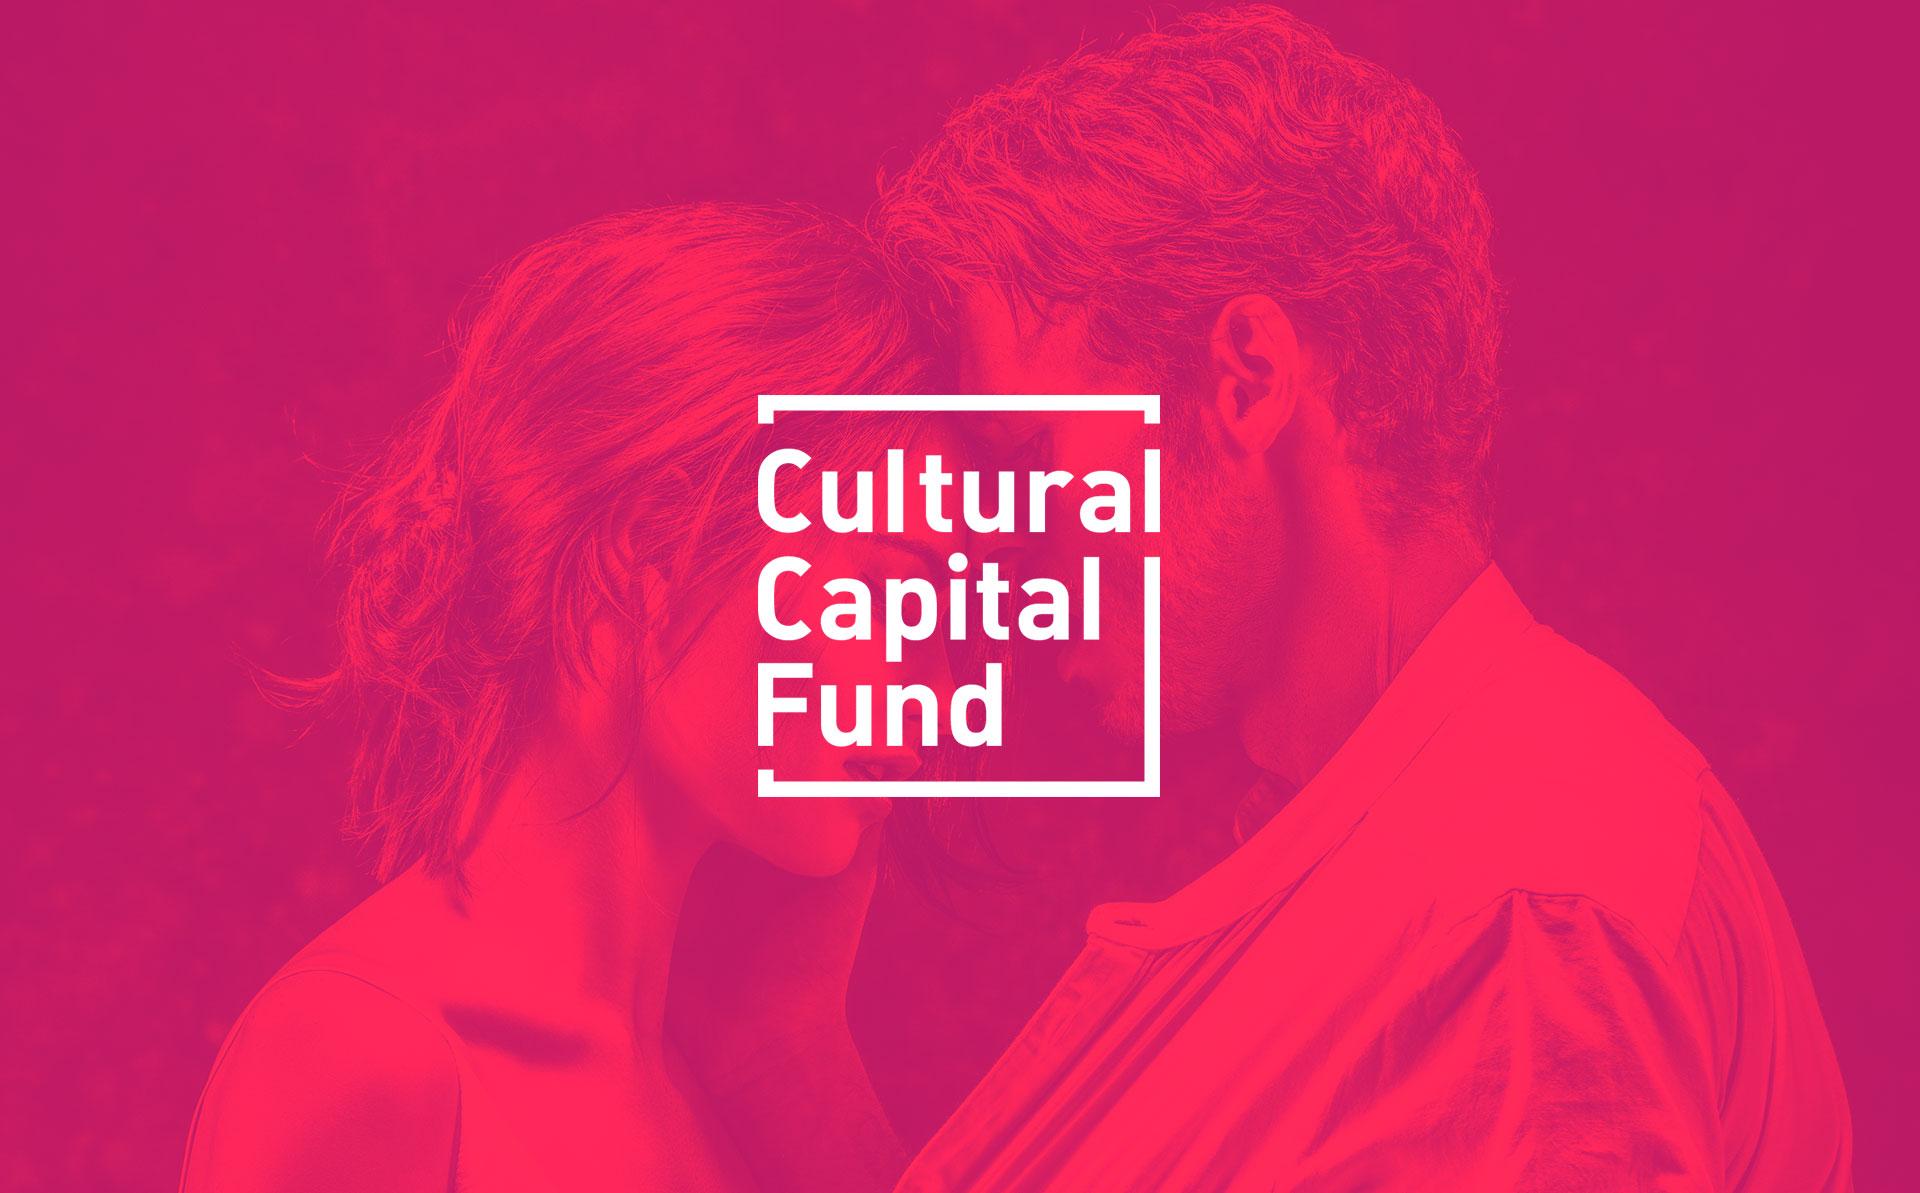 Cultural-Capital-Fund-1